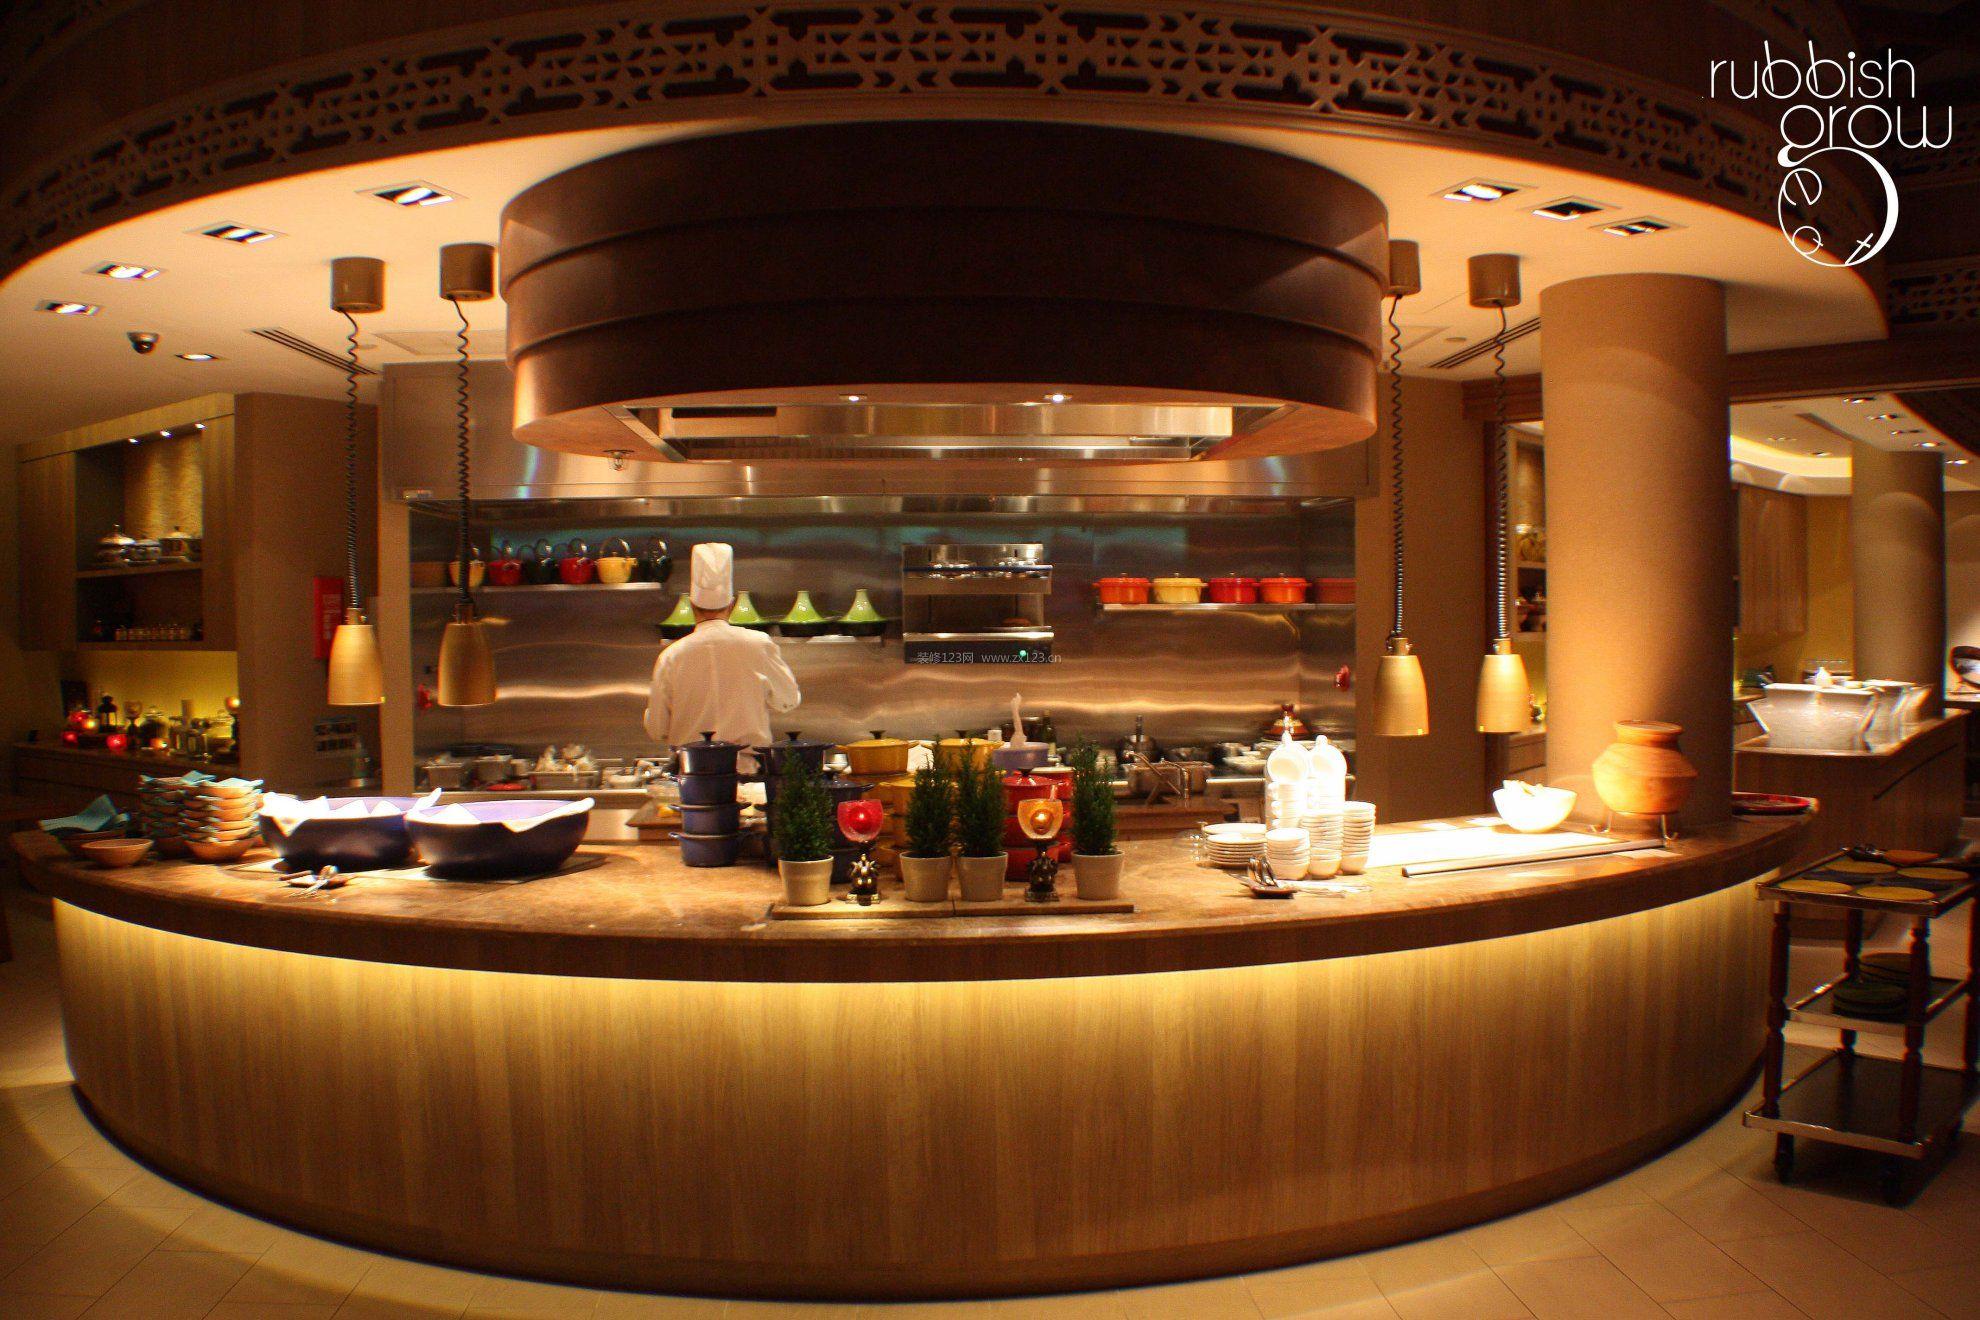 西餐厅学院厨房装修设计效果图餐馆动漫v学院北京图片